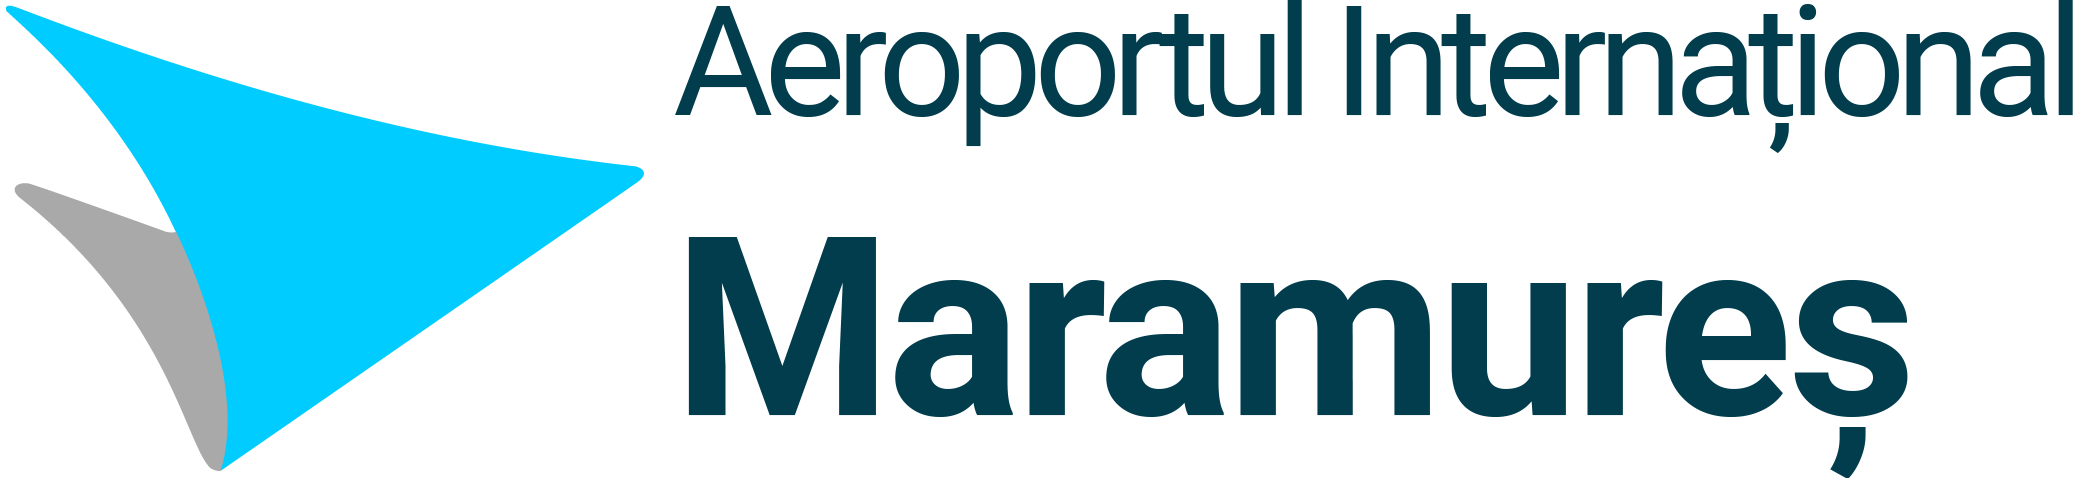 AW-Maramures Aeroportul_Isologotype